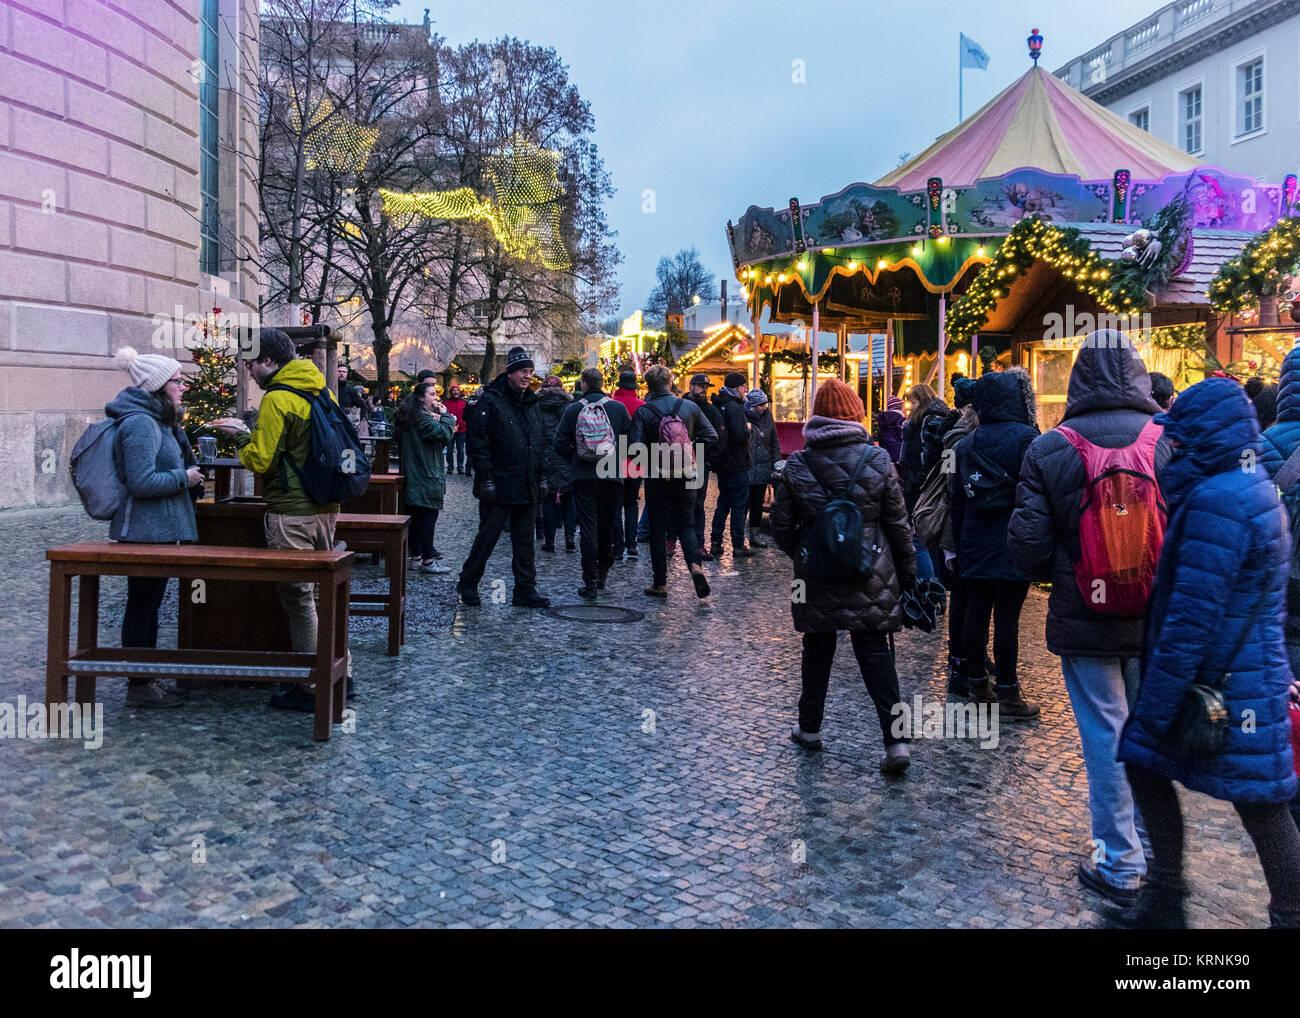 Menschen Besuchen Ständen Auf Traditionelle Deutsche Weihnachtsmarkt